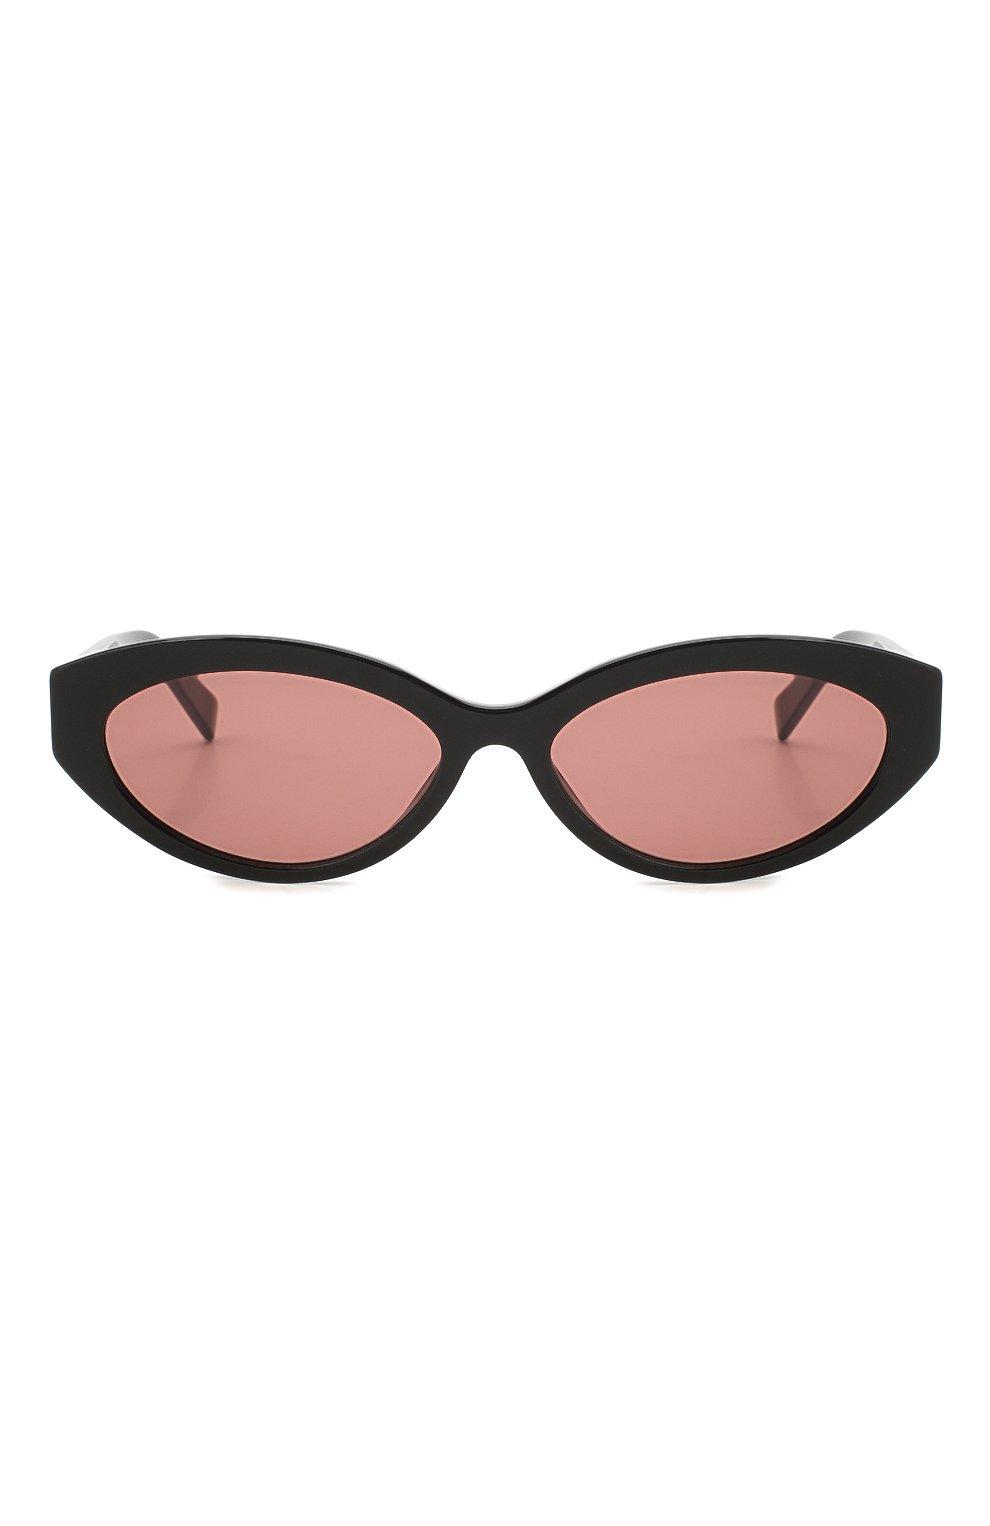 Женские солнцезащитные очки MAX MARA черного цвета, арт. SLIM I 807 | Фото 3